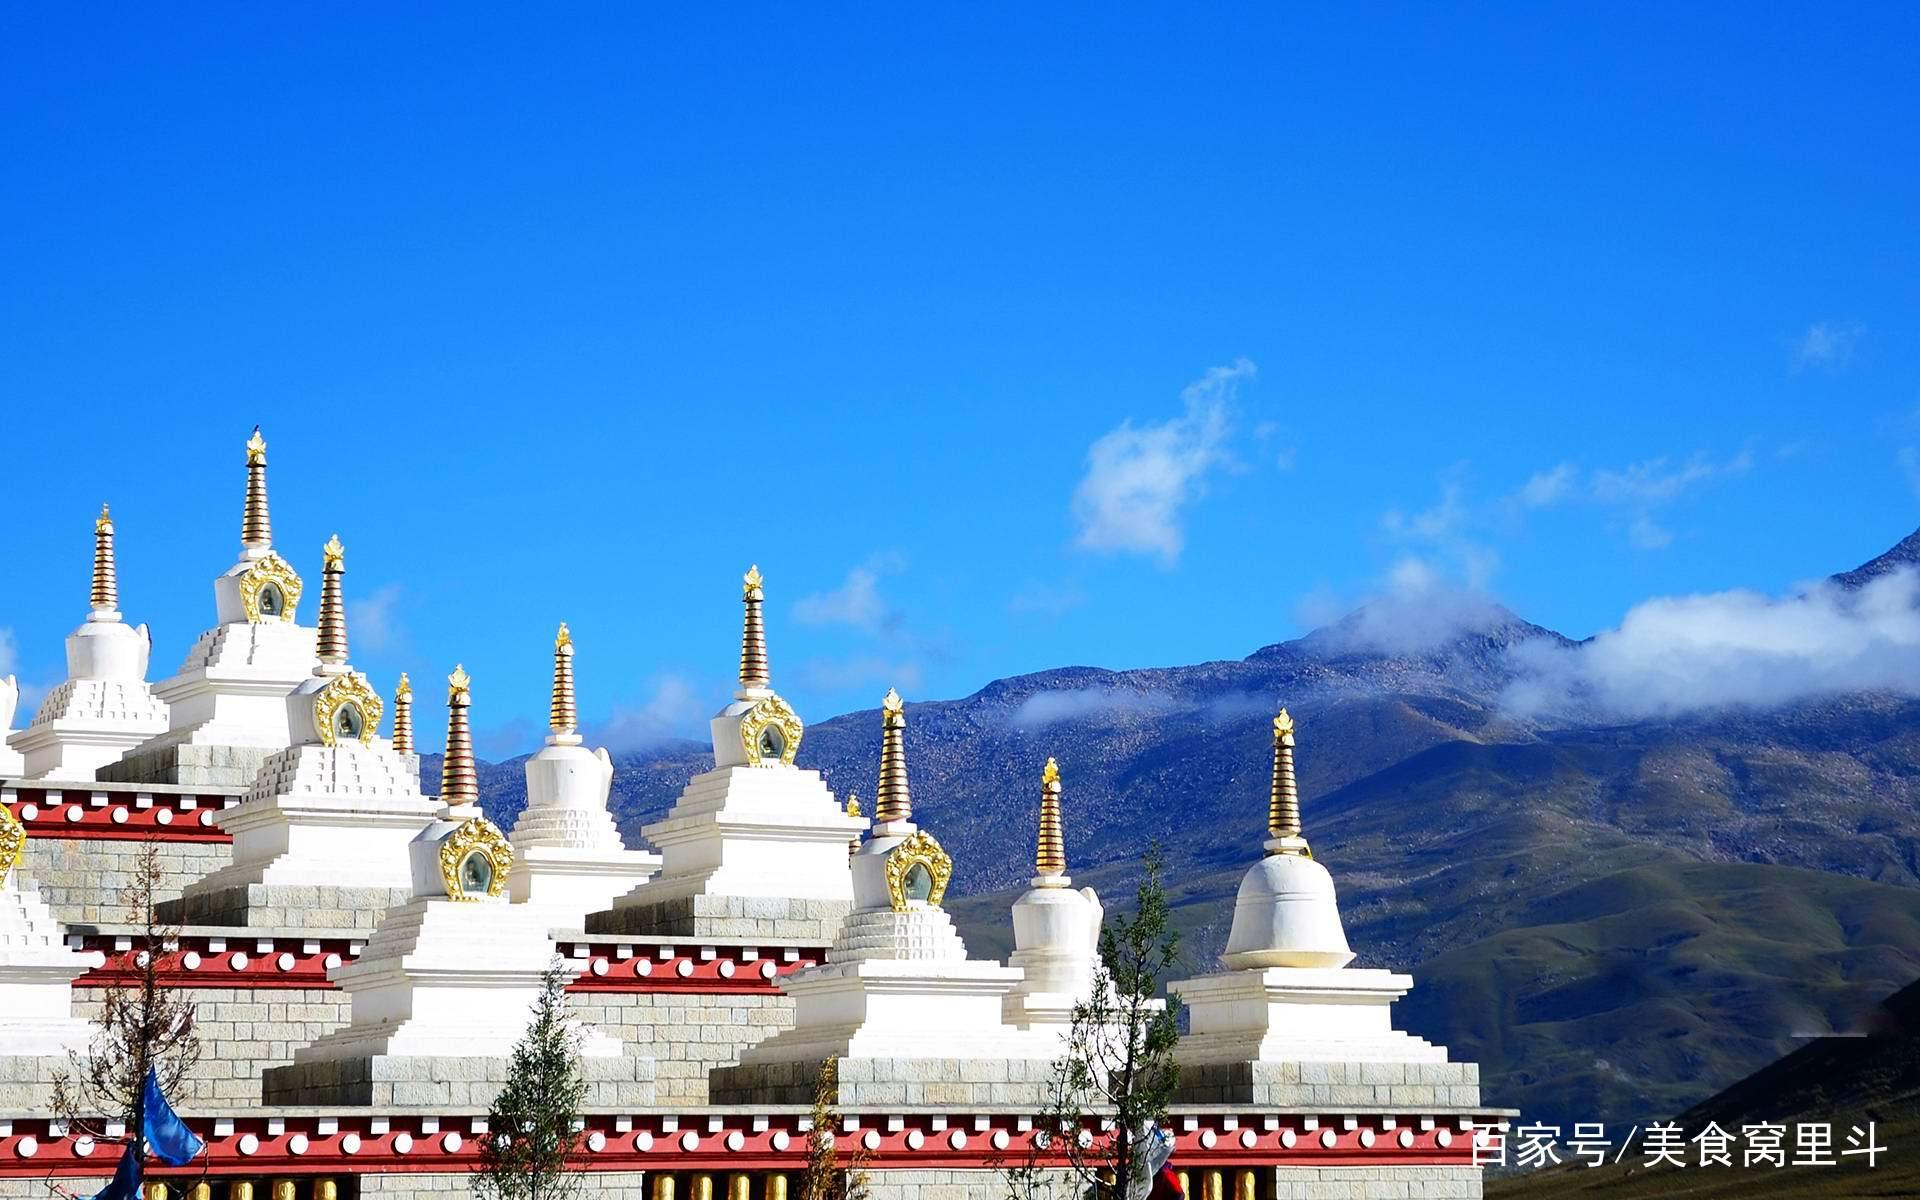 香格里拉,一个风景优美的风景区,让人心旷神怡